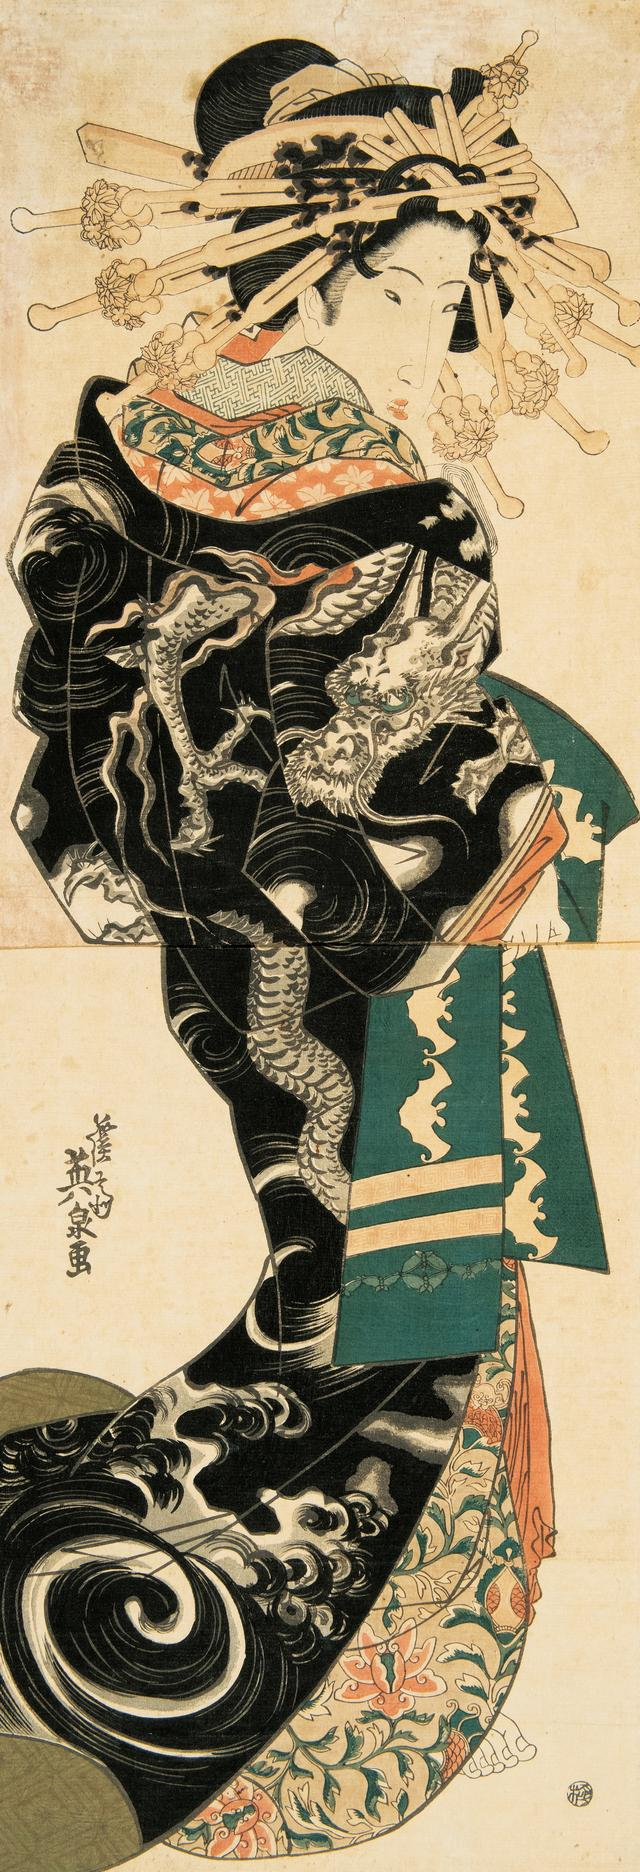 画像: ⑨溪斎英泉《雲龍打掛の花魁》1820~1830年代 及川茂コレクション蔵